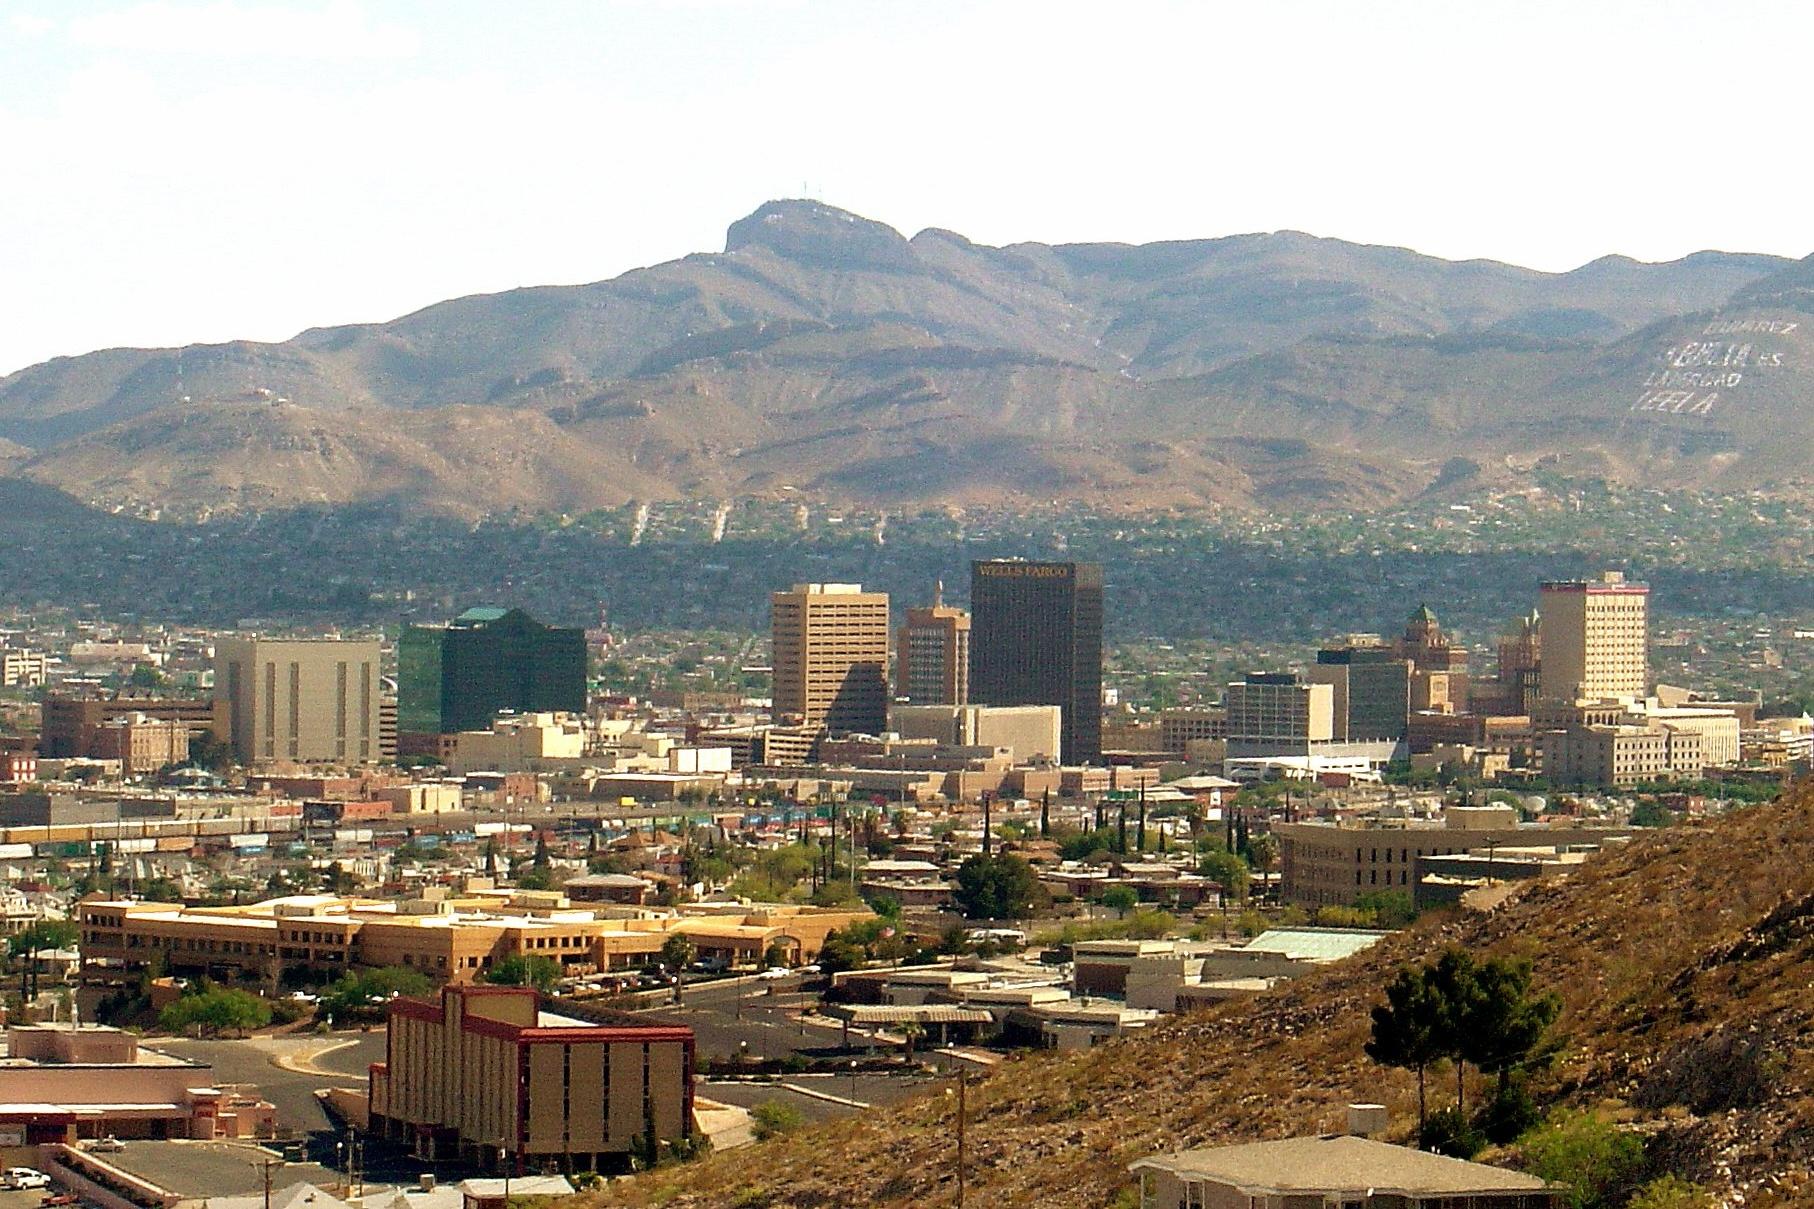 Americké město El Paso ve státě Texas leží prakticky na hranici s Mexikem